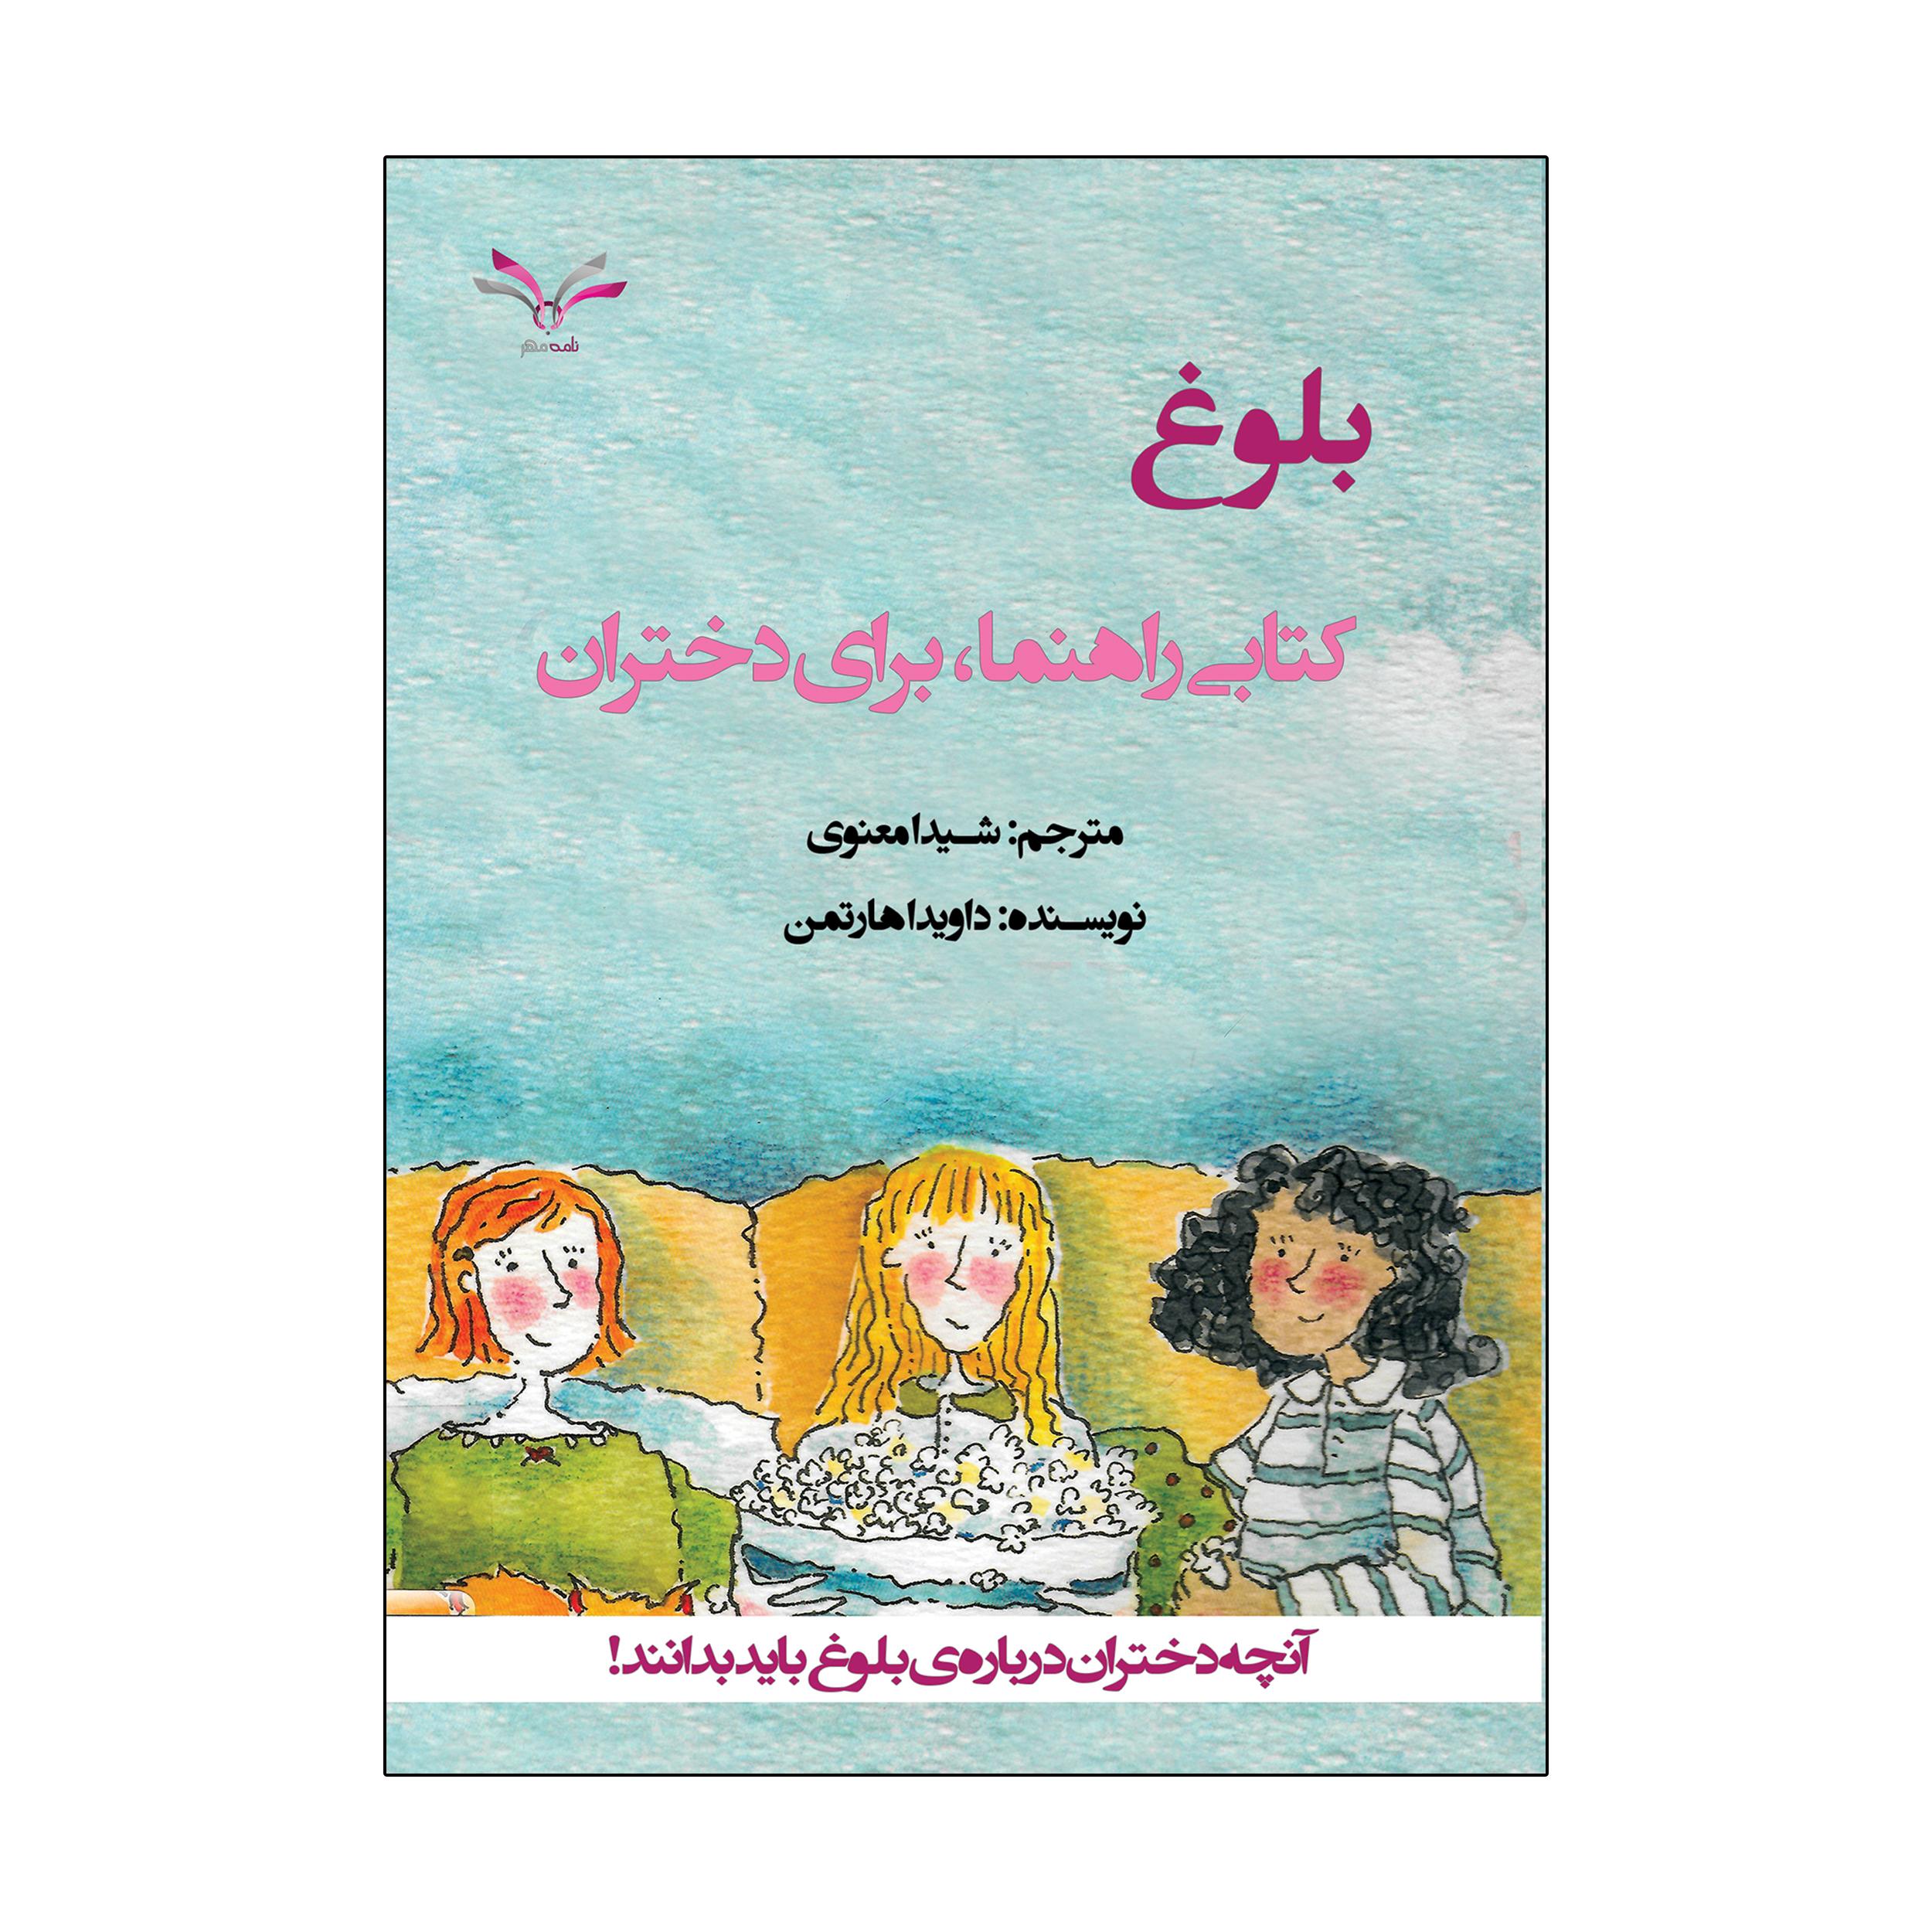 کتاب بلوغ کتابی برای دختران اثر داویدا هارتمن مترجم شیدا معنوی انتشارات نامه مهر